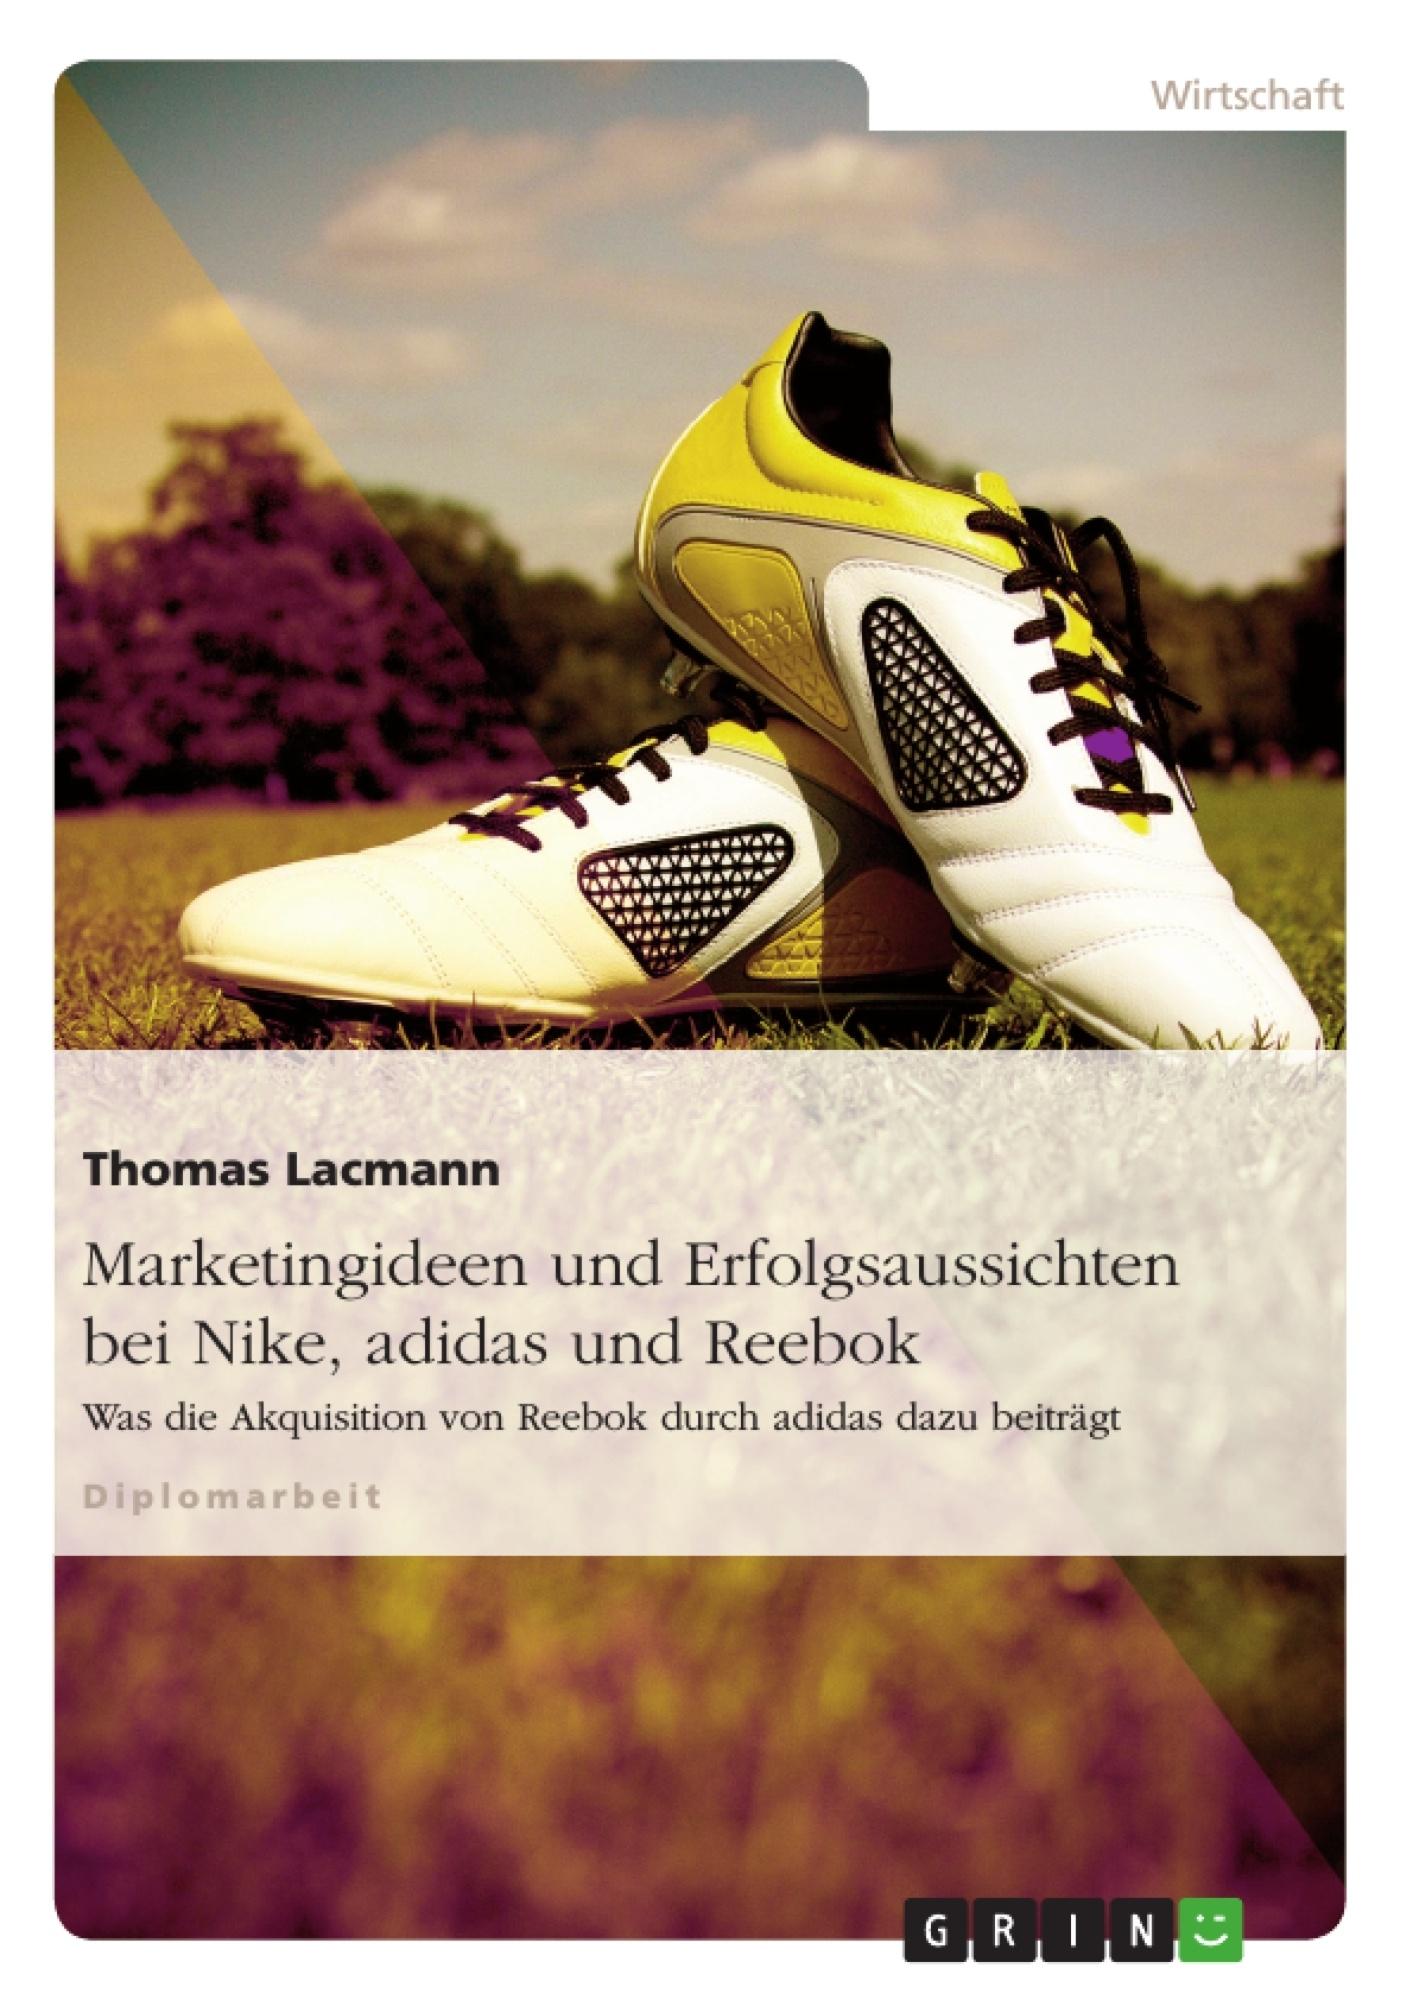 Titel: Marketingideen und Erfolgsaussichten bei Nike, adidas und Reebok